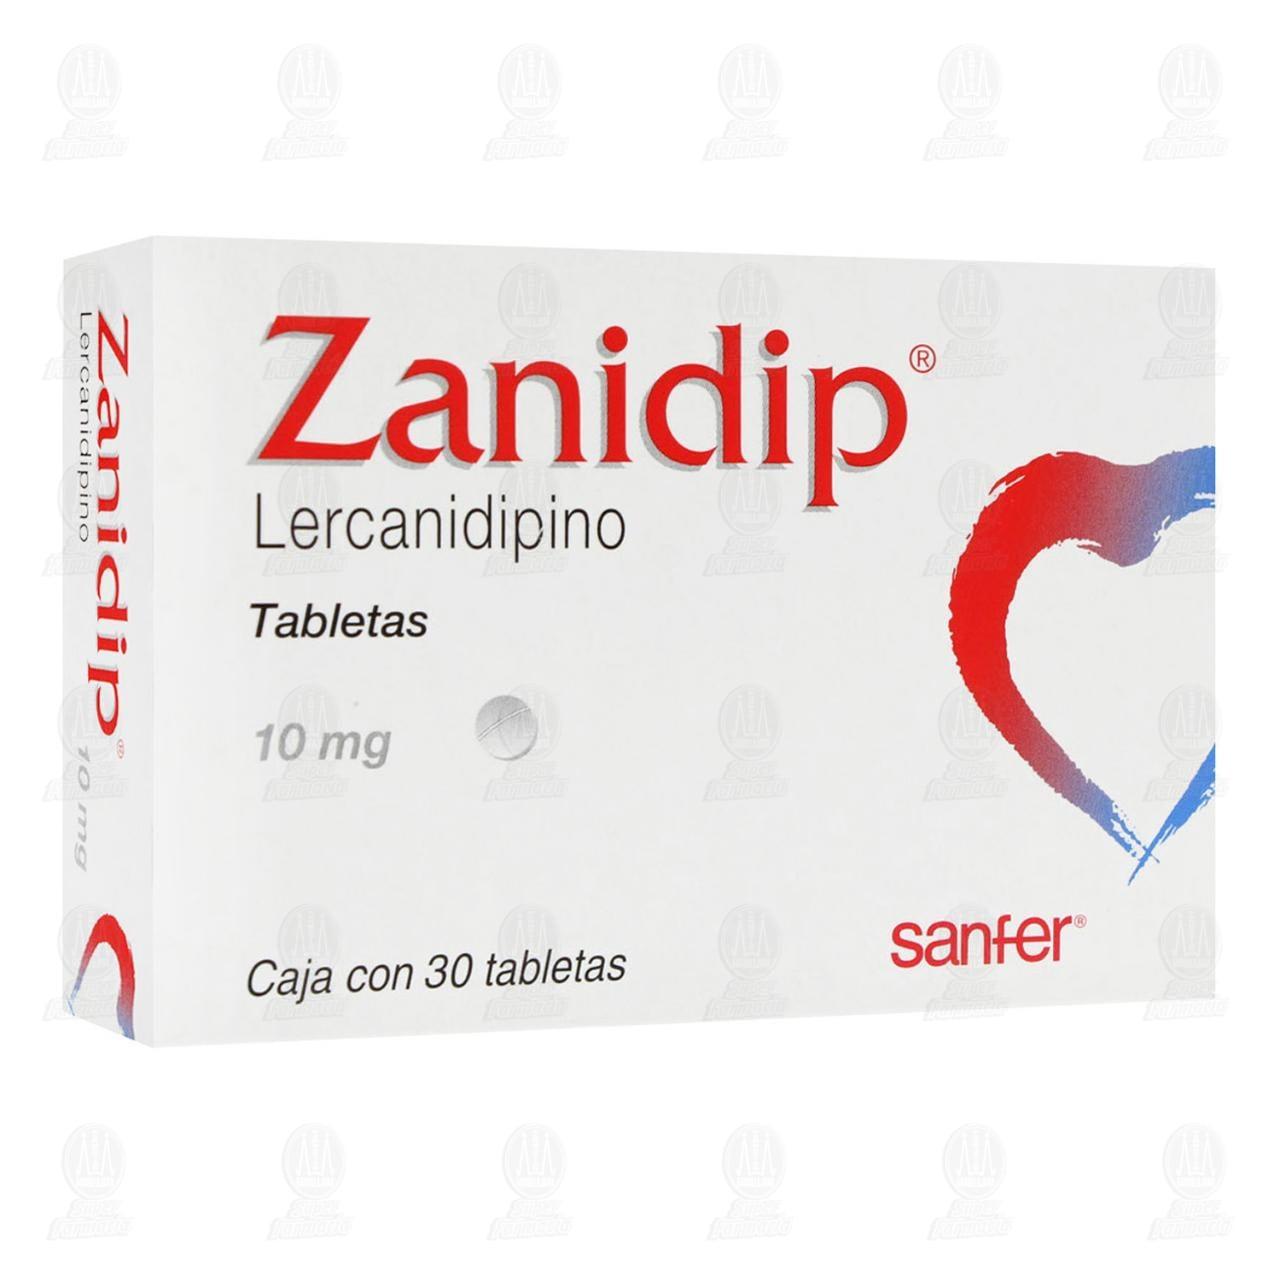 Comprar Zanidip 10mg 30 Tabletas en Farmacias Guadalajara